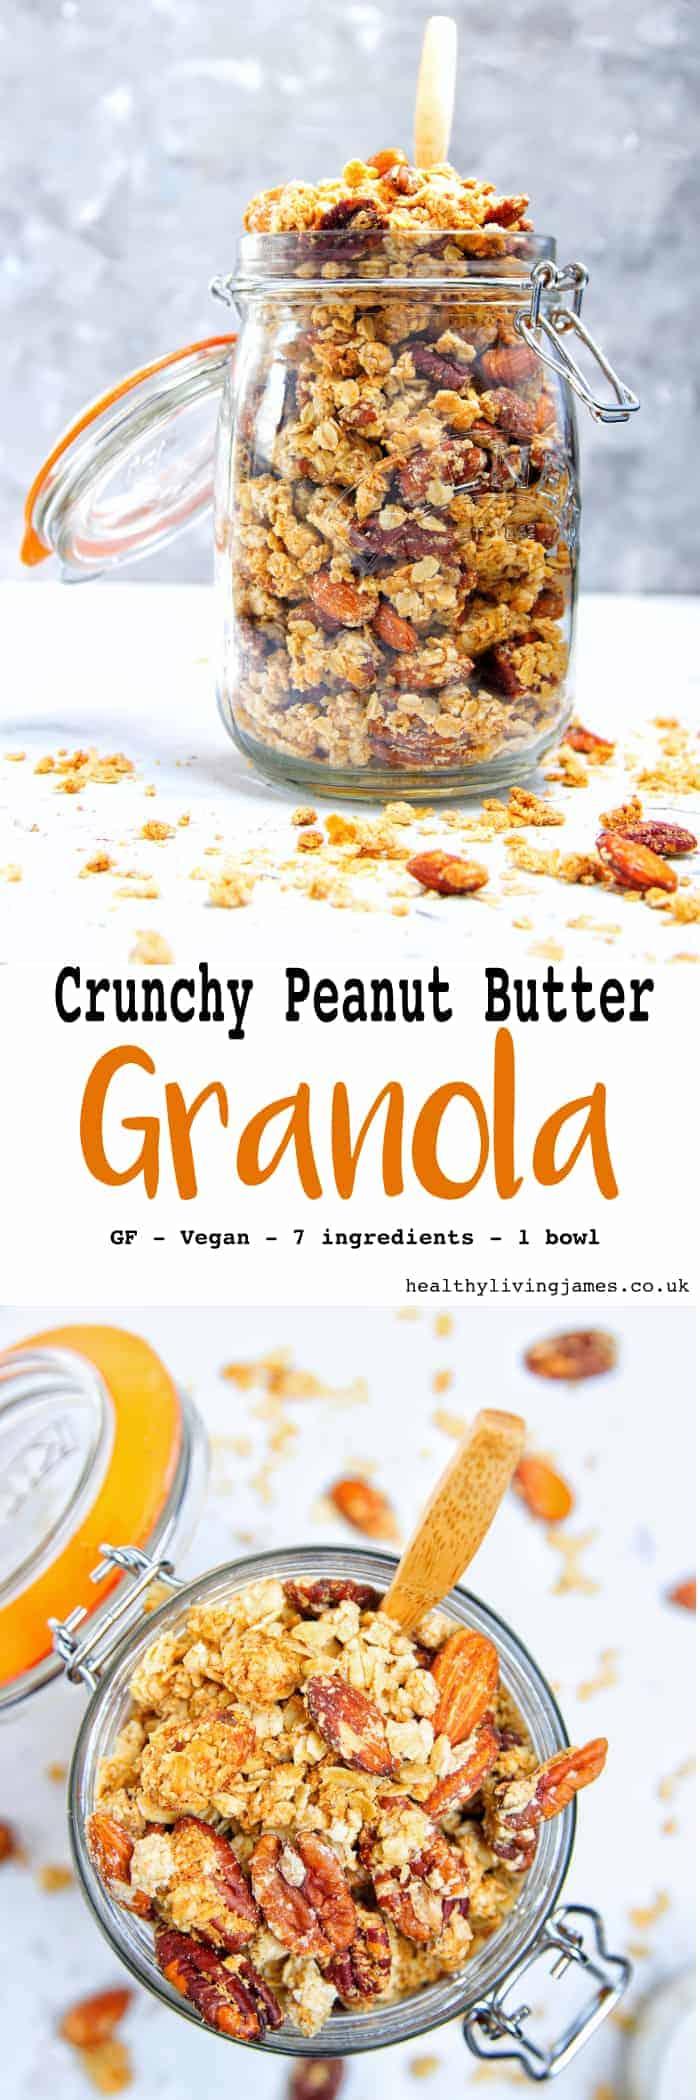 Crunchy Peanut Butter Granola Pinterest